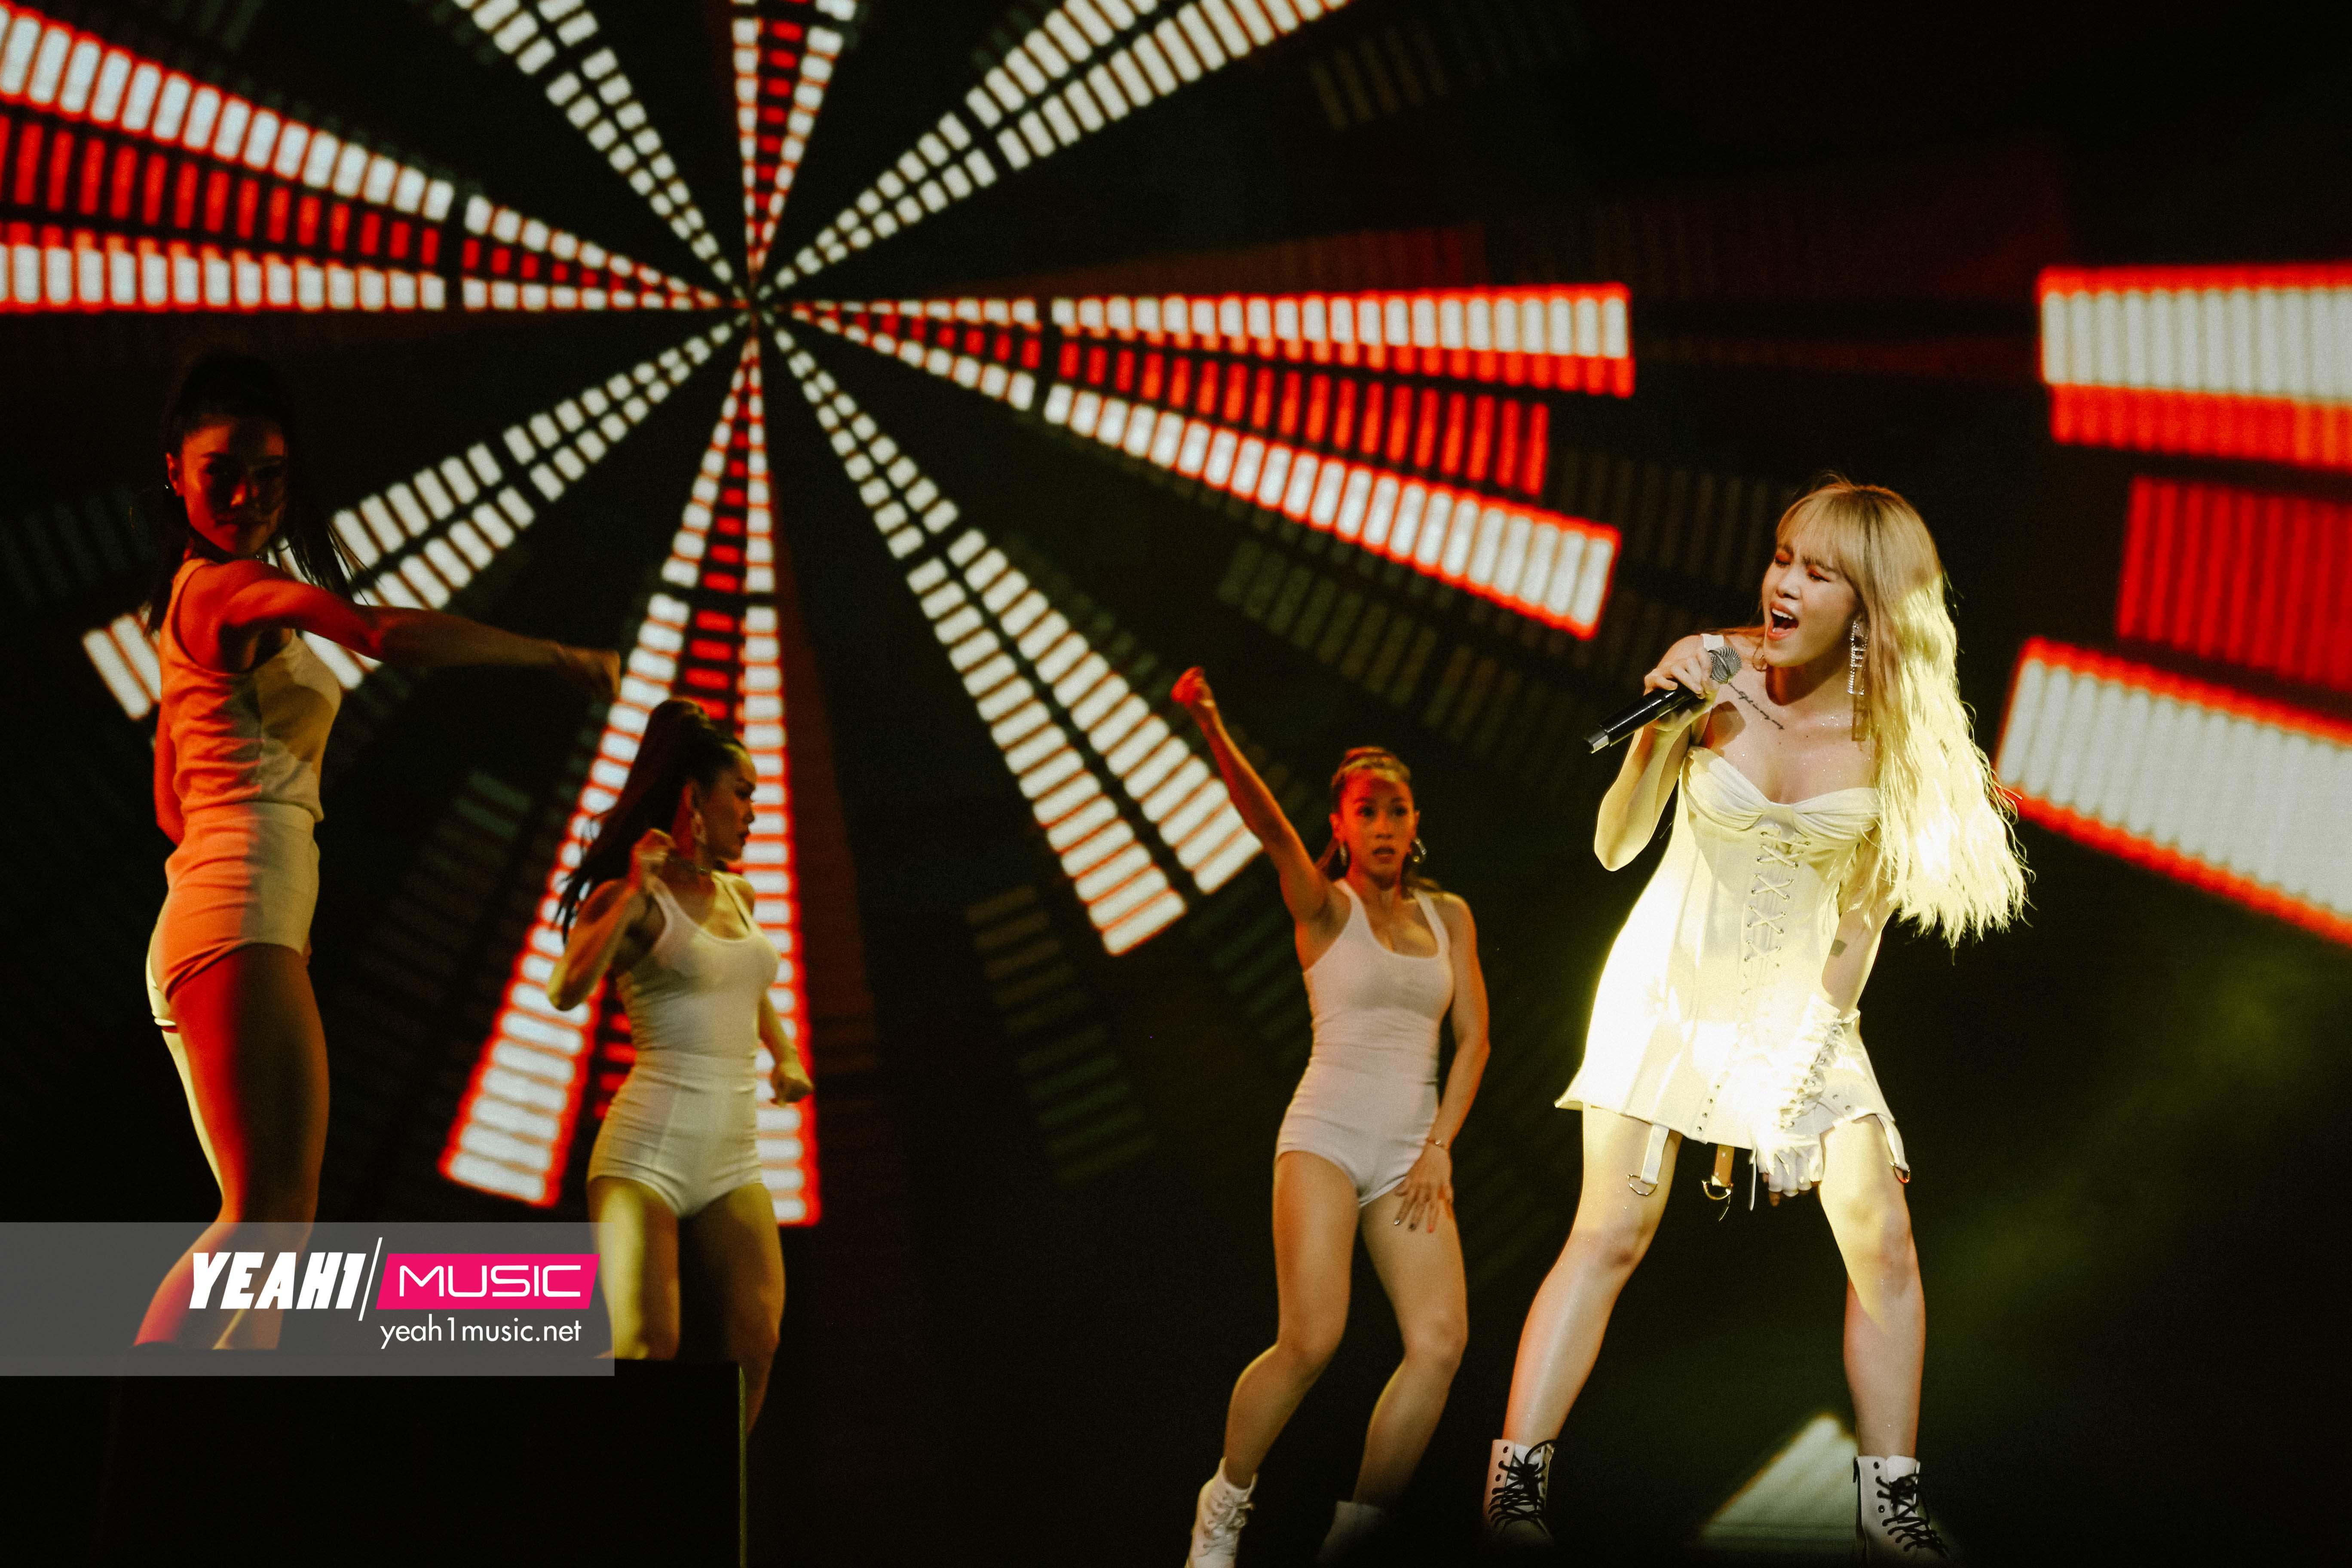 Cùng với Red Velvet, tân binh Amee, Văn Mai Hương, Soobin Hoàng Sơn và loạt sao Việt khác đại náo sân khấu âm nhạc tháng 4